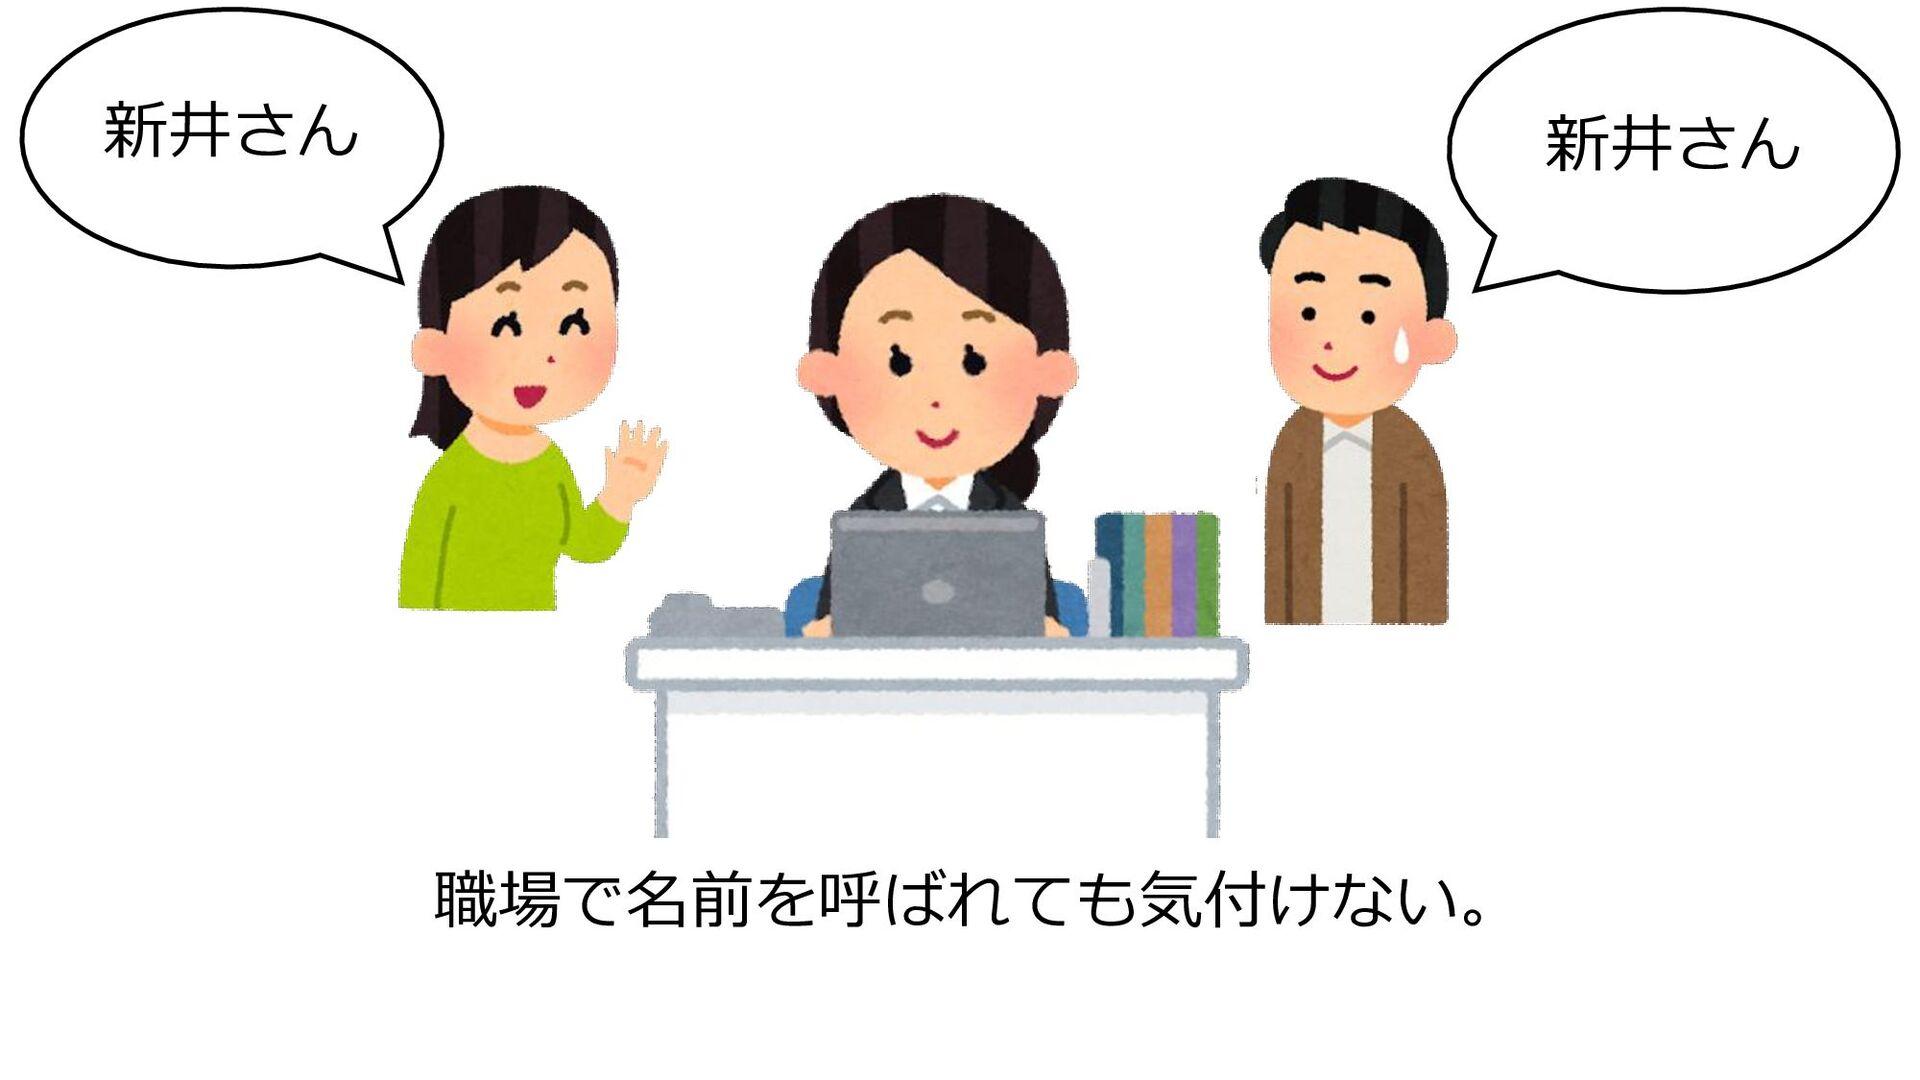 今年2月にソレコンに出品 出典:http://www.takaha.co.jp/index.h...